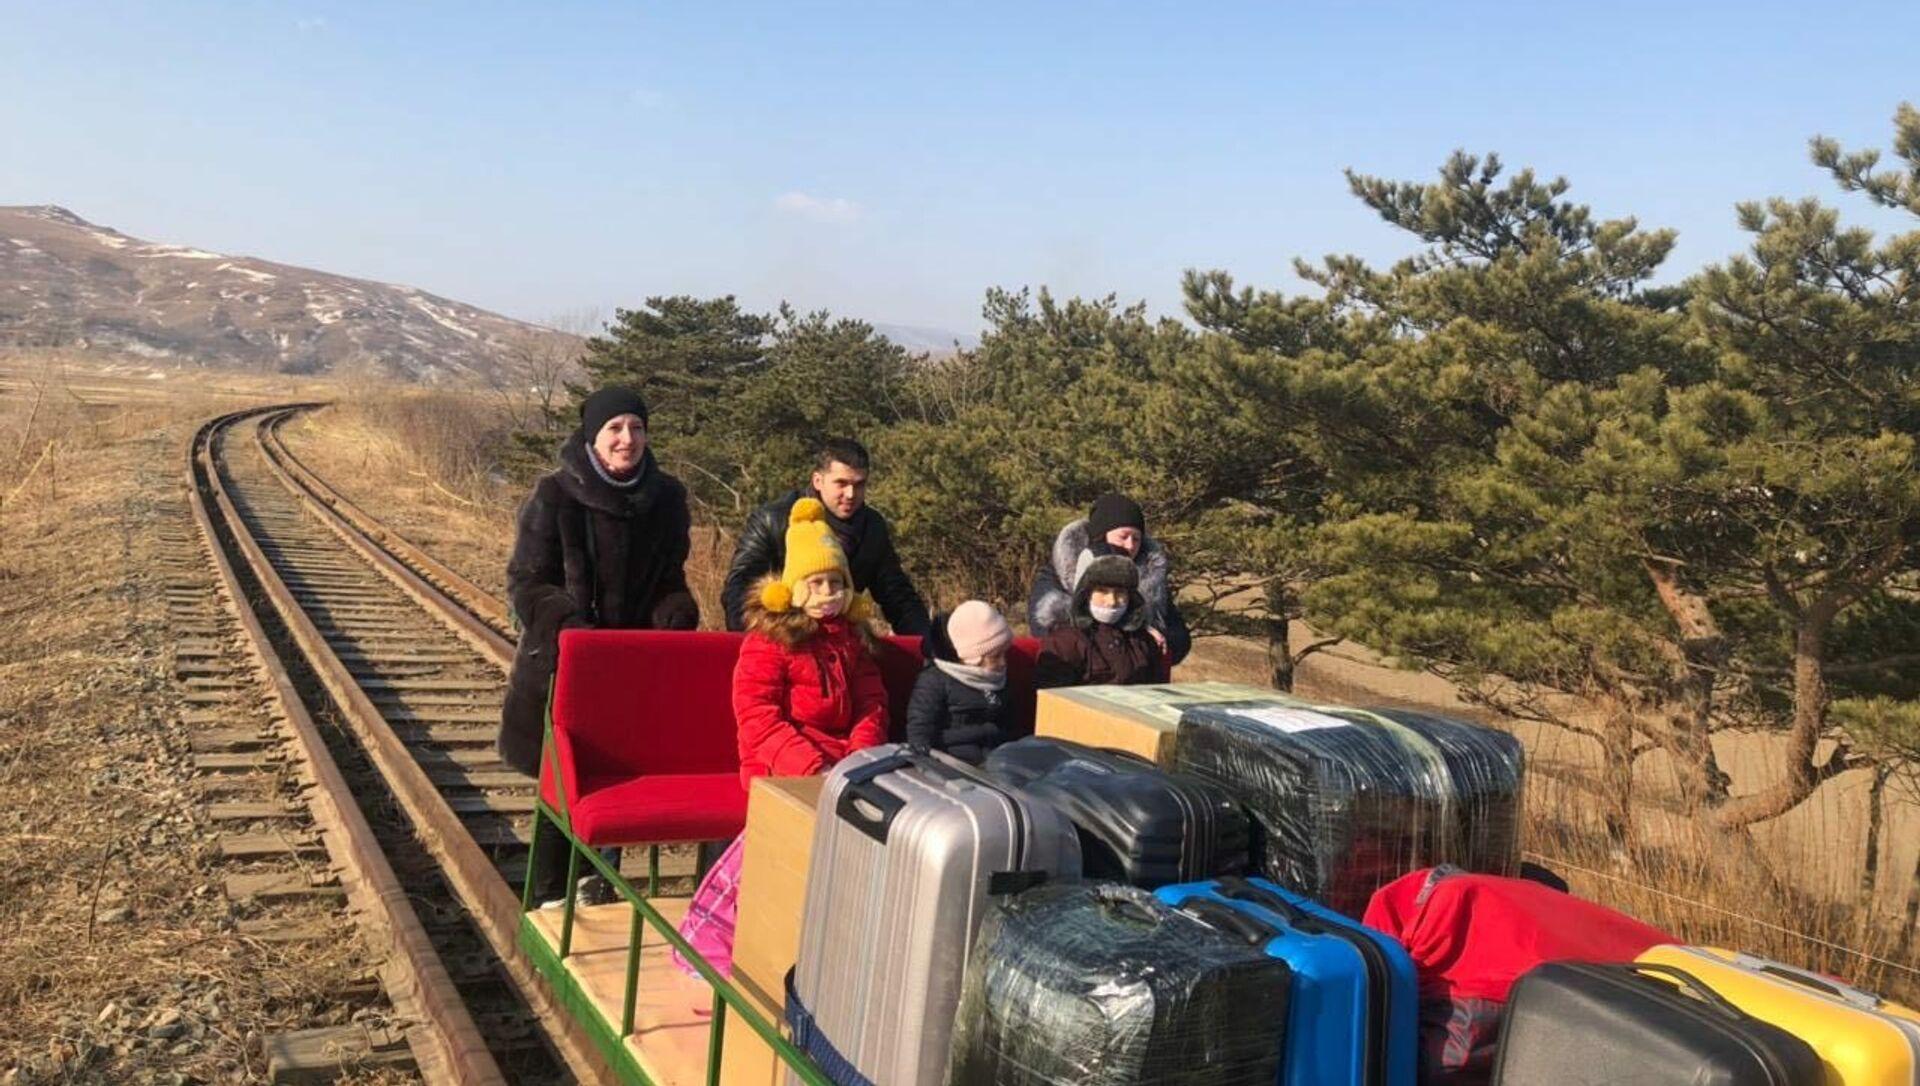 Diplomatici russi hanno lasciato la Corea del Nord a bordo di una draisina ferroviaria - Sputnik Italia, 1920, 26.02.2021